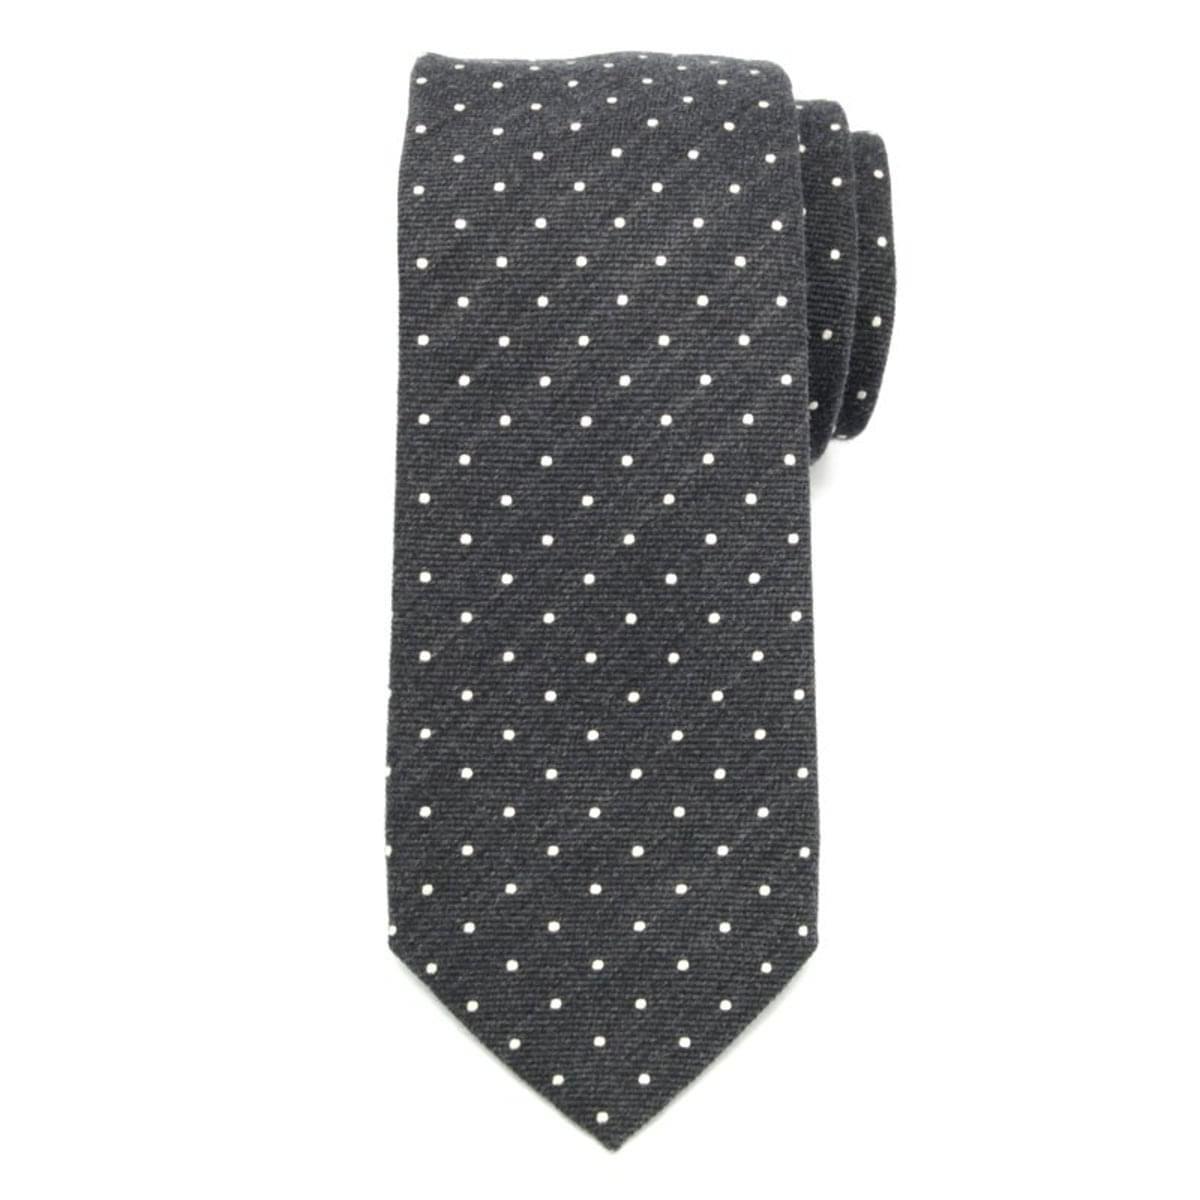 Pánska klasická kravata (vzor 354) 7169 zo zmesi vlny a hodváb